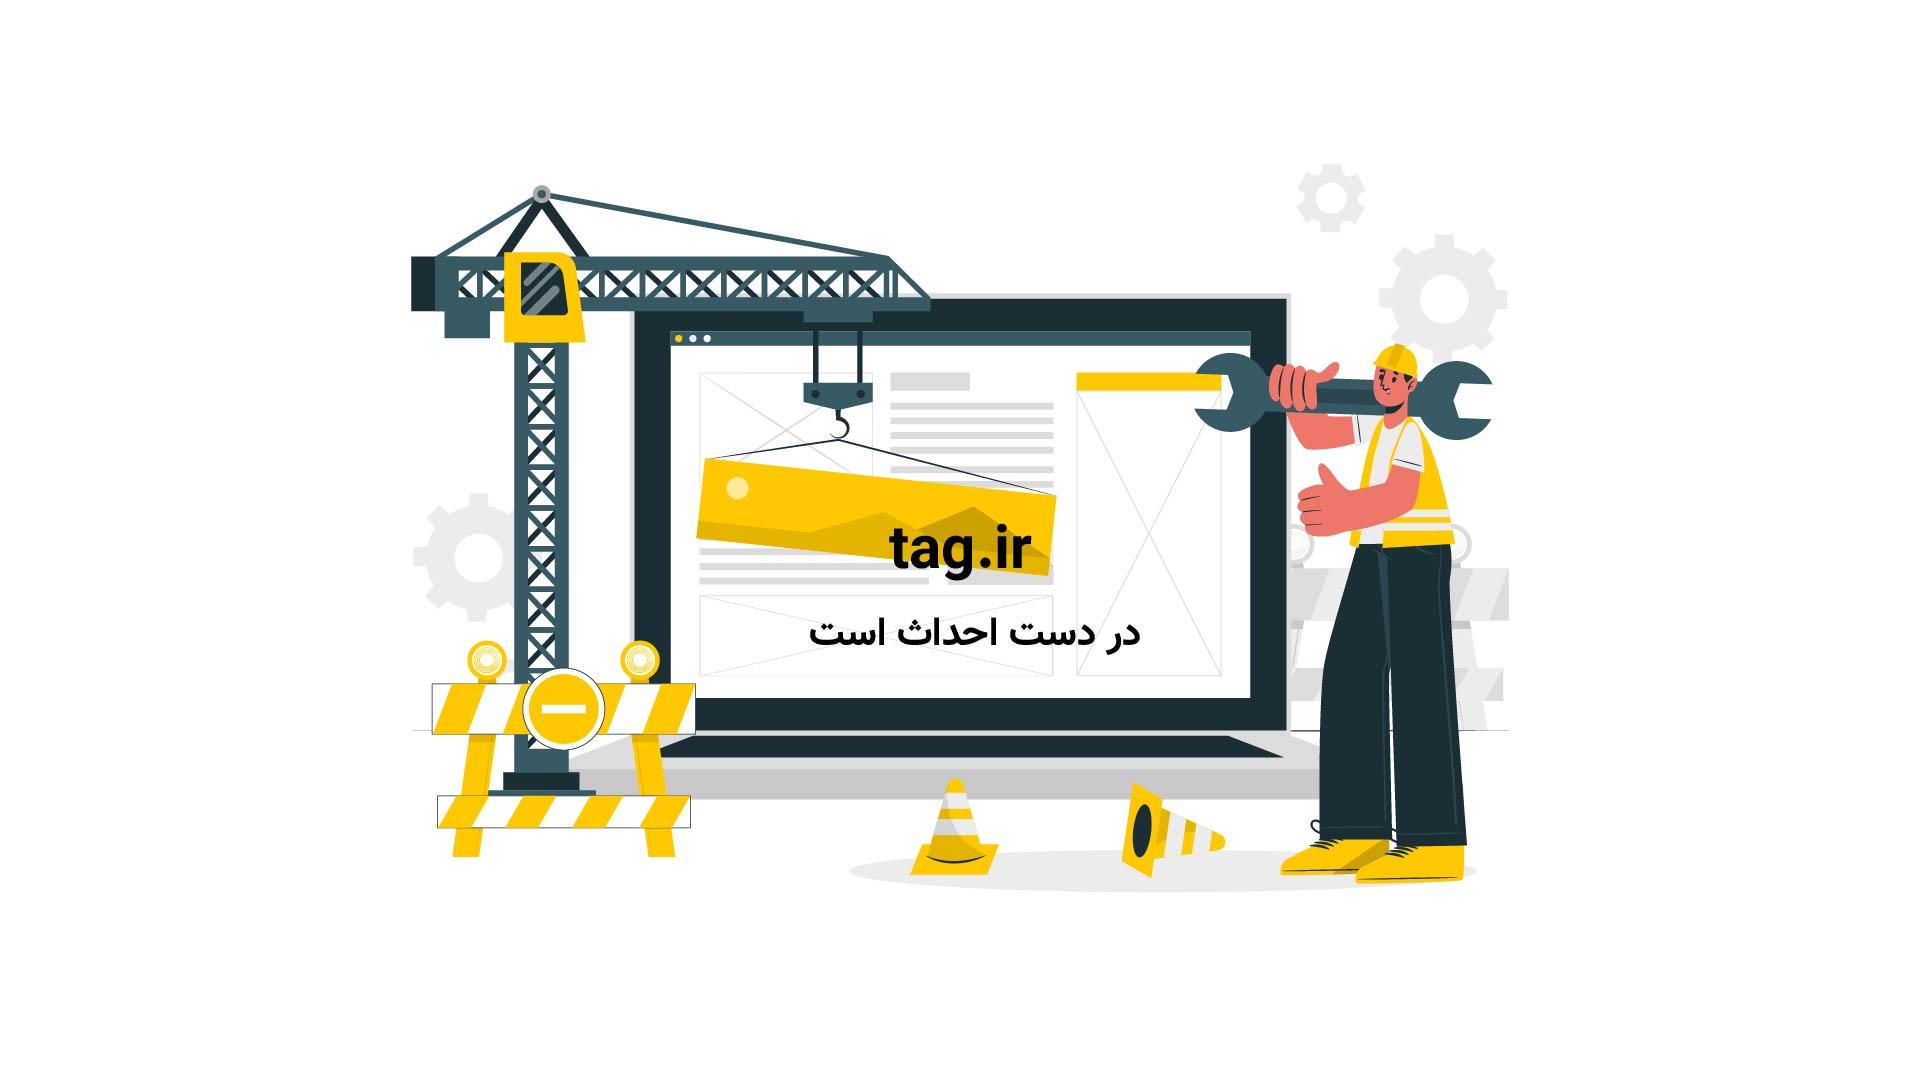 تصاویری از بازارچه کریسمس بعد از حادثه حمله کامیون امروز | فیلم